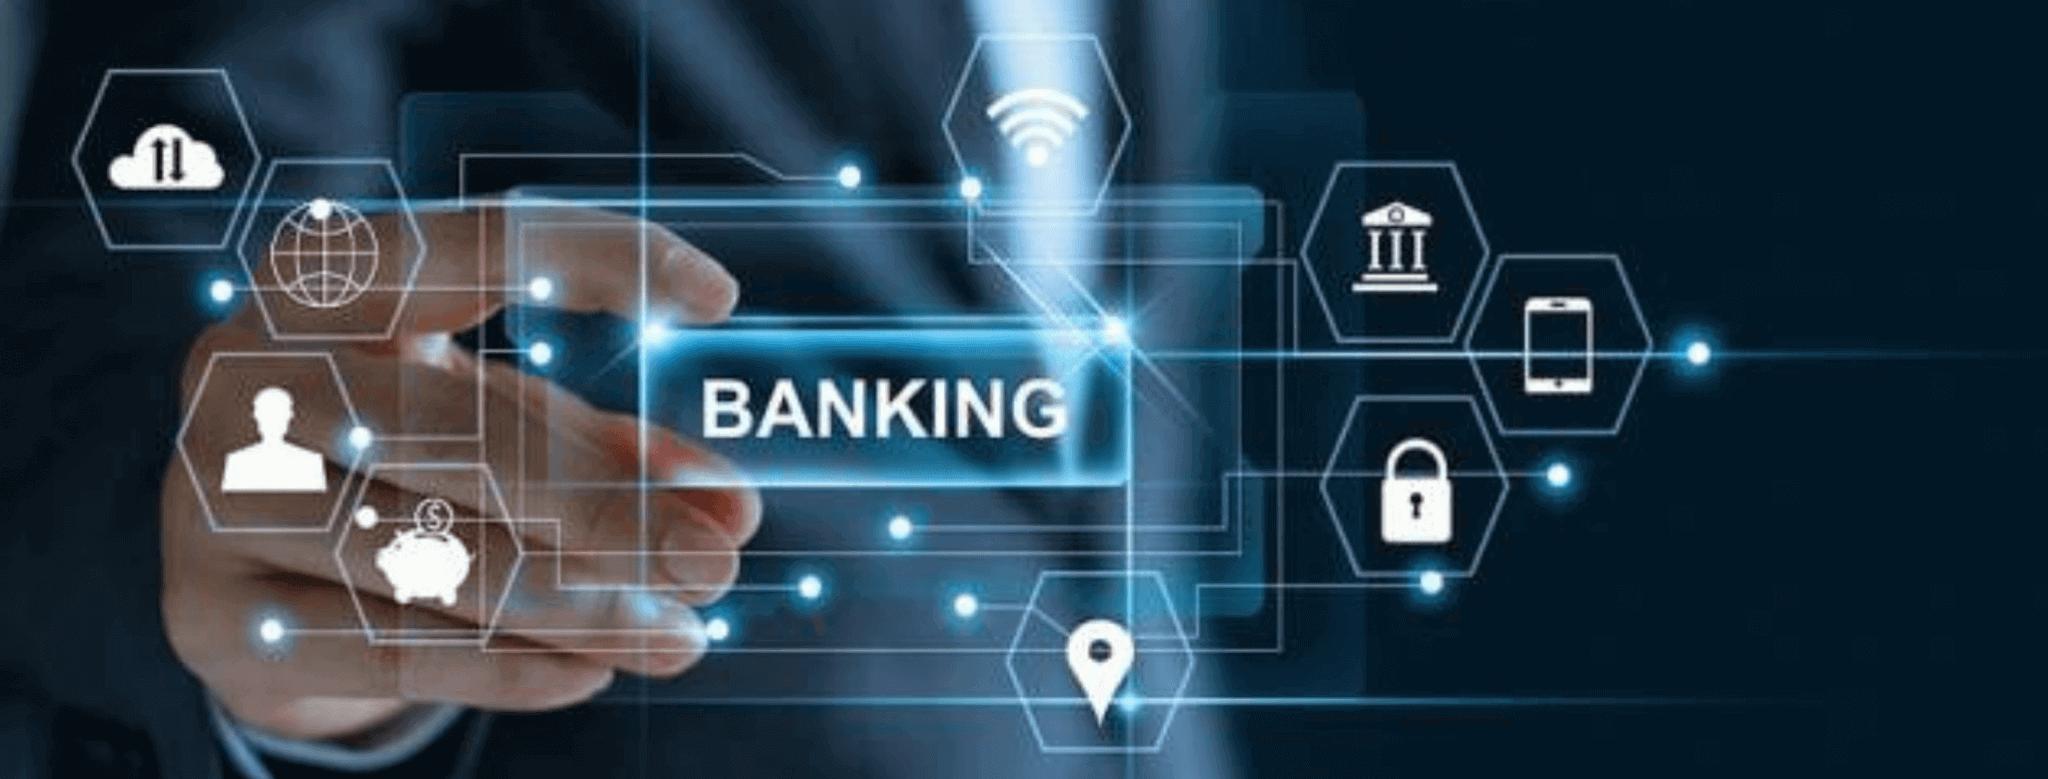 The Winning Bank + Fintech Formula